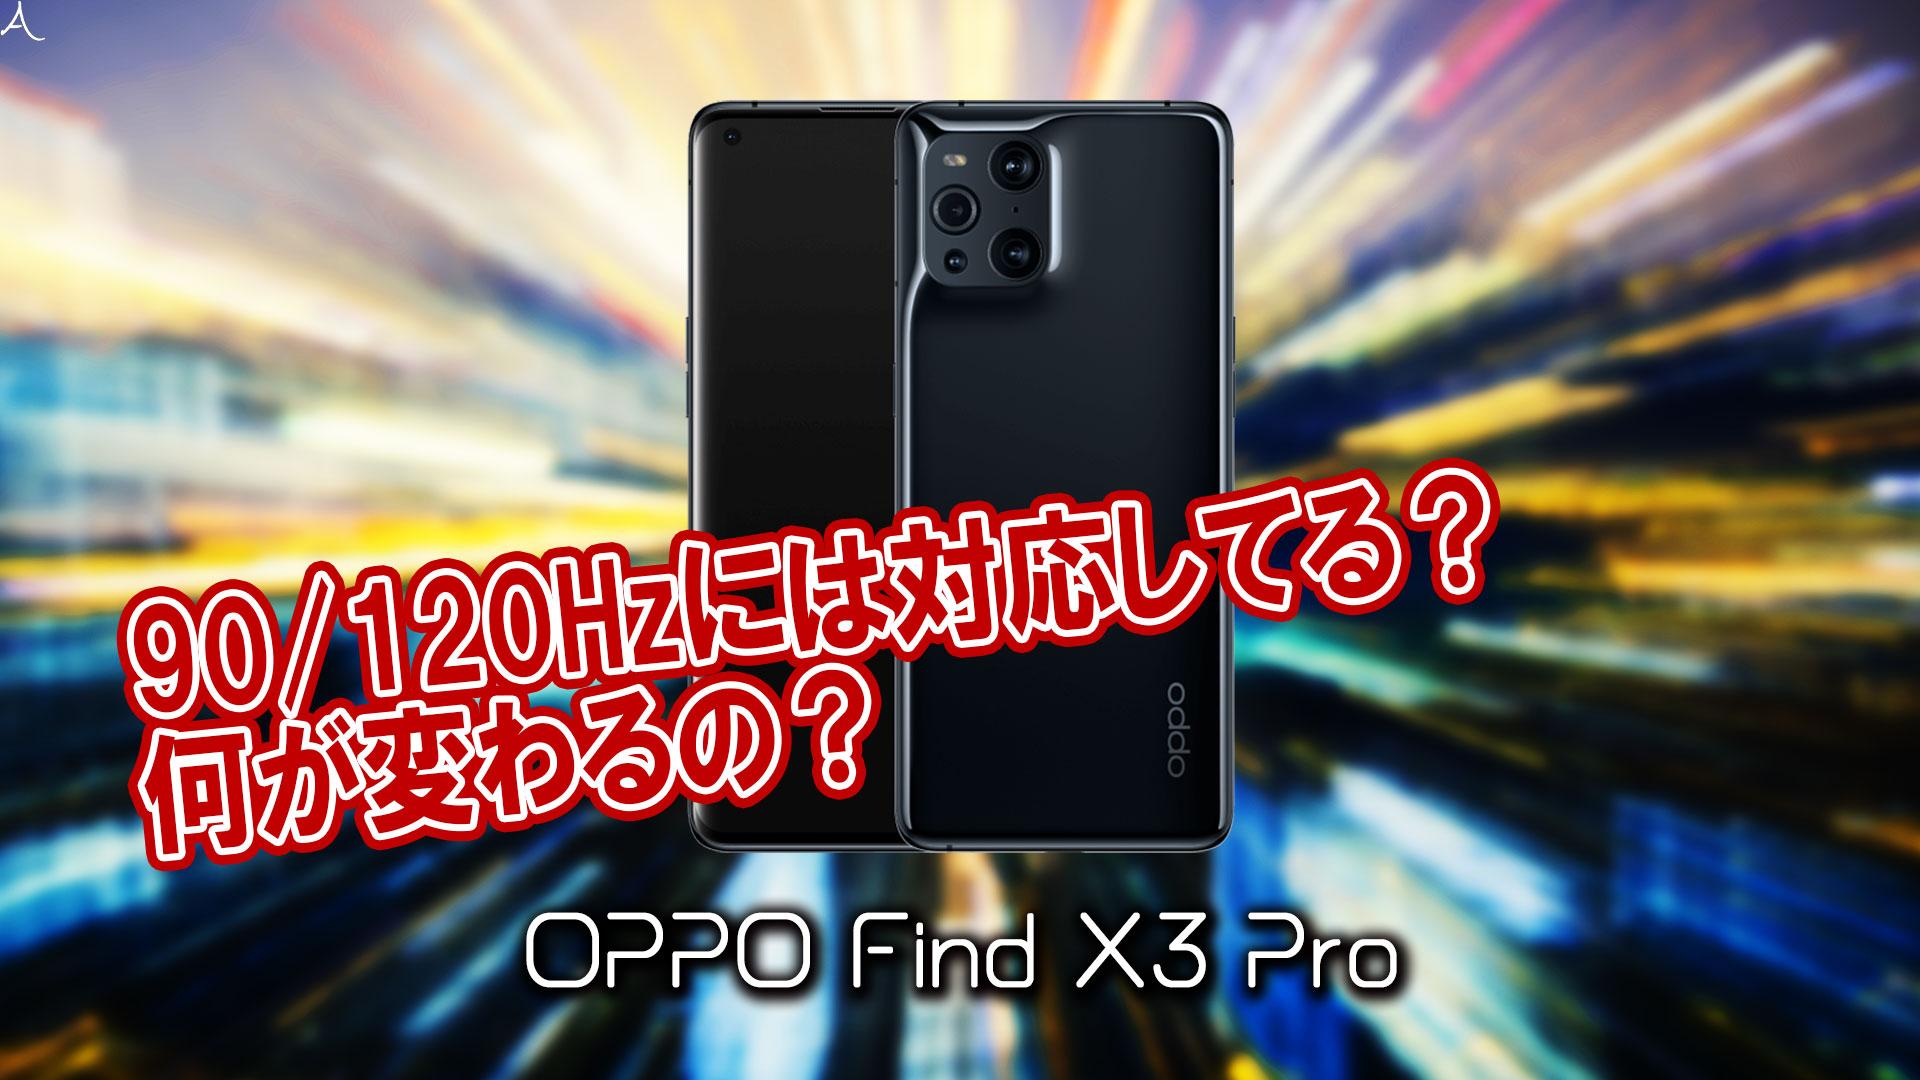 「OPPO Find X3 Pro」のリフレッシュレートはいくつ?120Hzには対応してる?